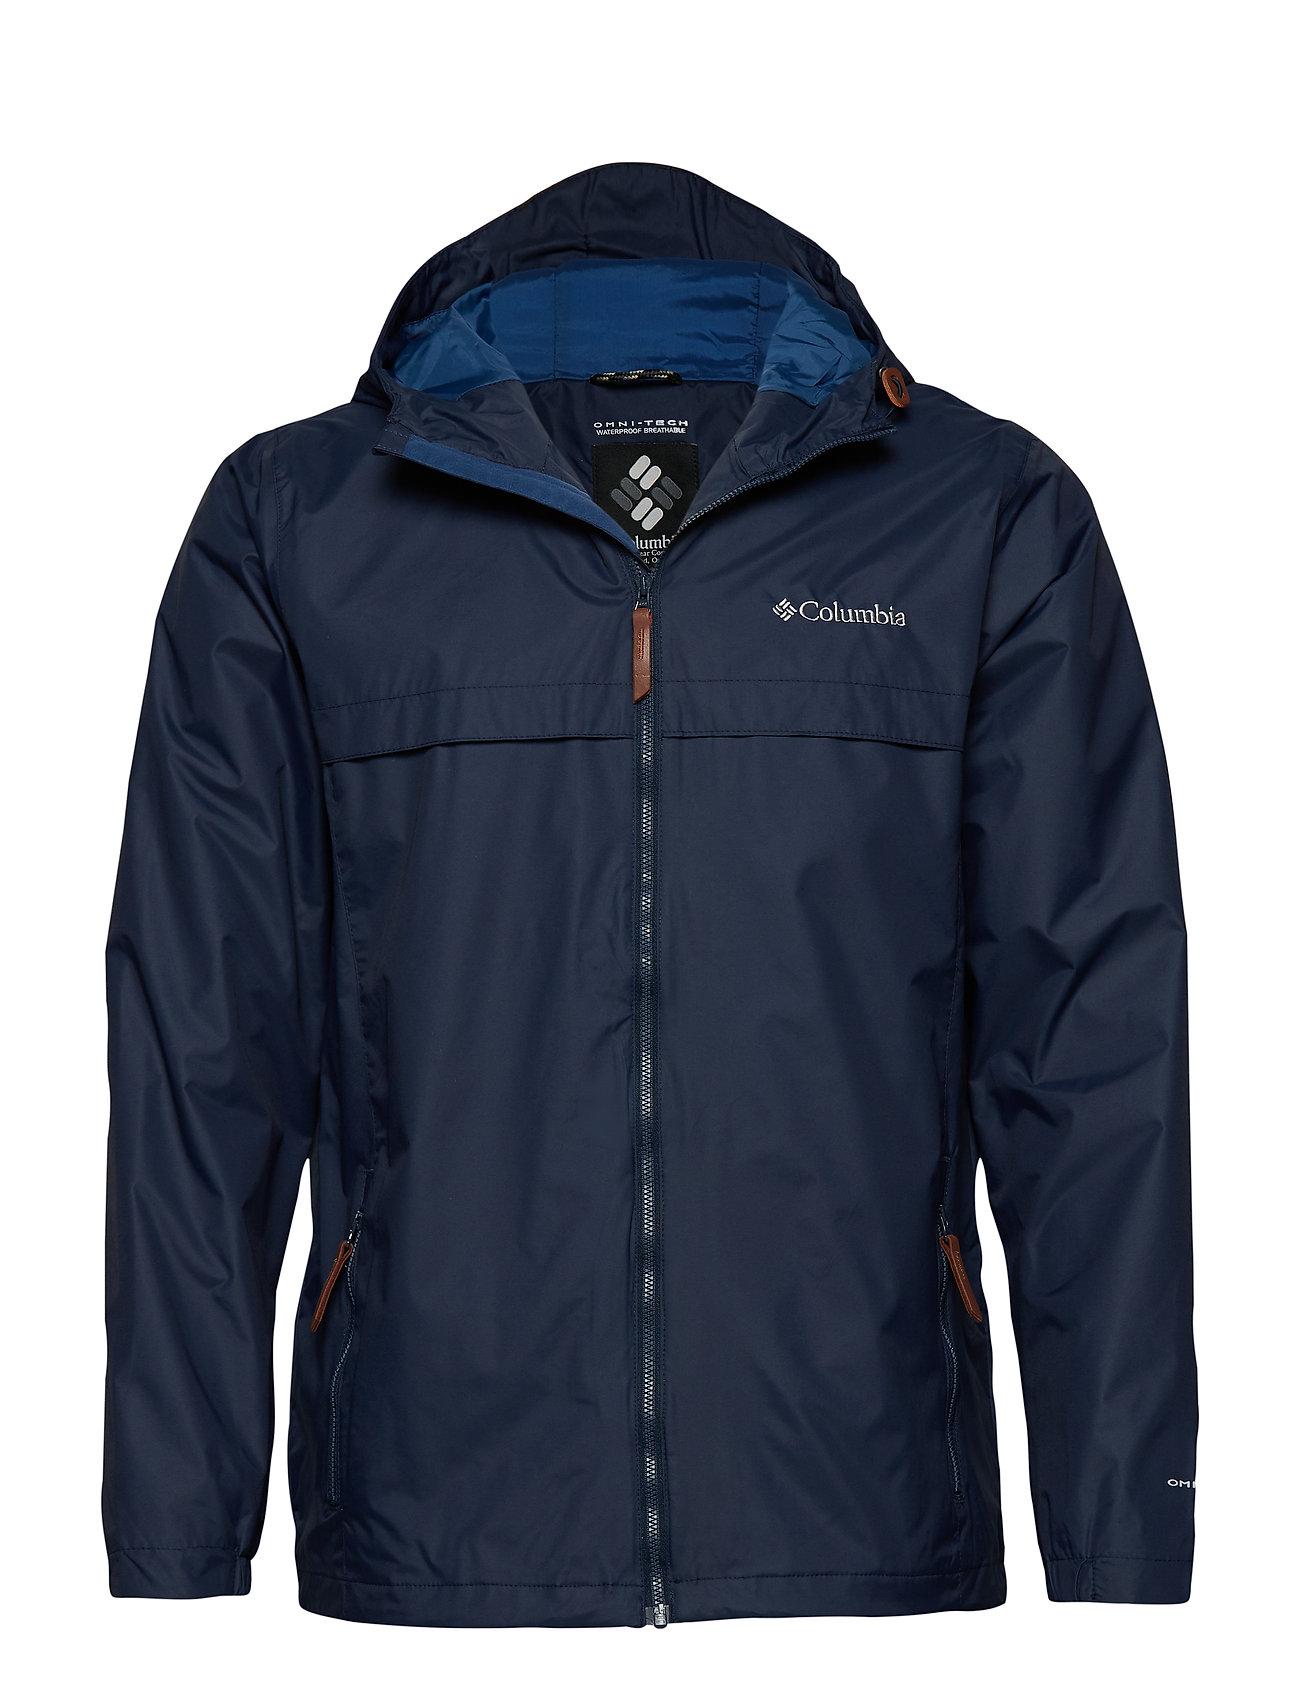 Image of Jones Ridge™ Jacket (3145473811)